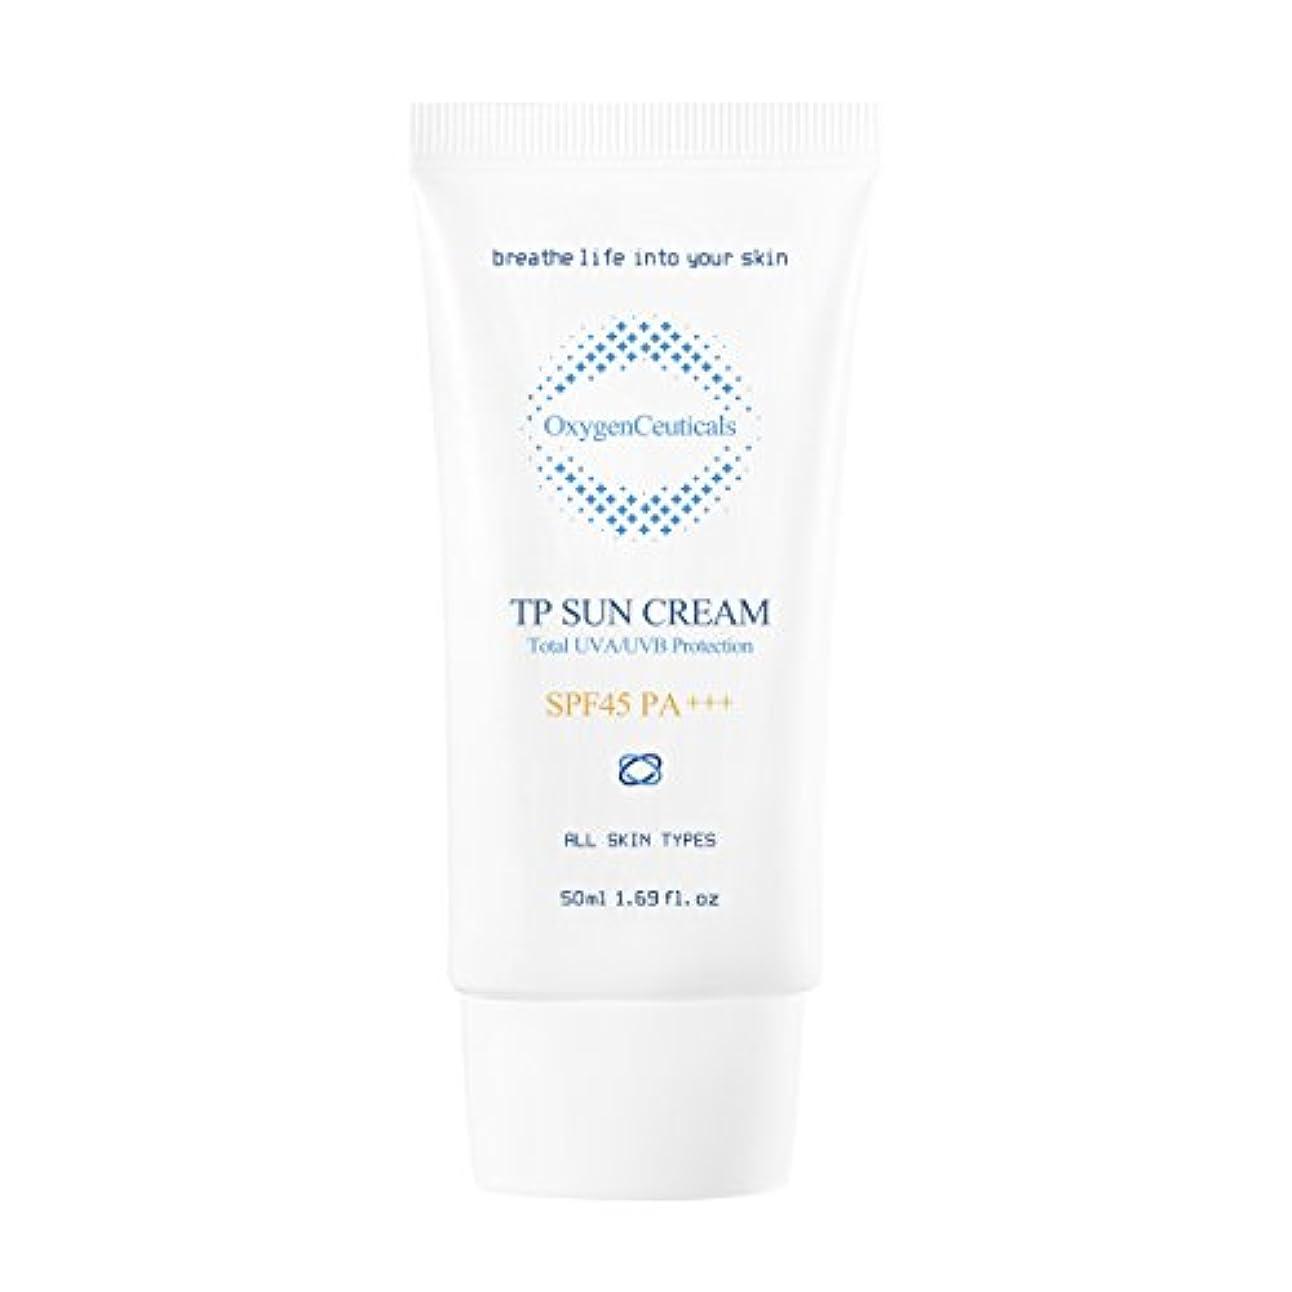 森林南極するだろうオキシジェンシューティカルズ 酸素サンクリーム(保湿日焼け止め) 50ml. TP Sun Cream 50ml. [SPF45 PA+++] X Mask Pack 1p.